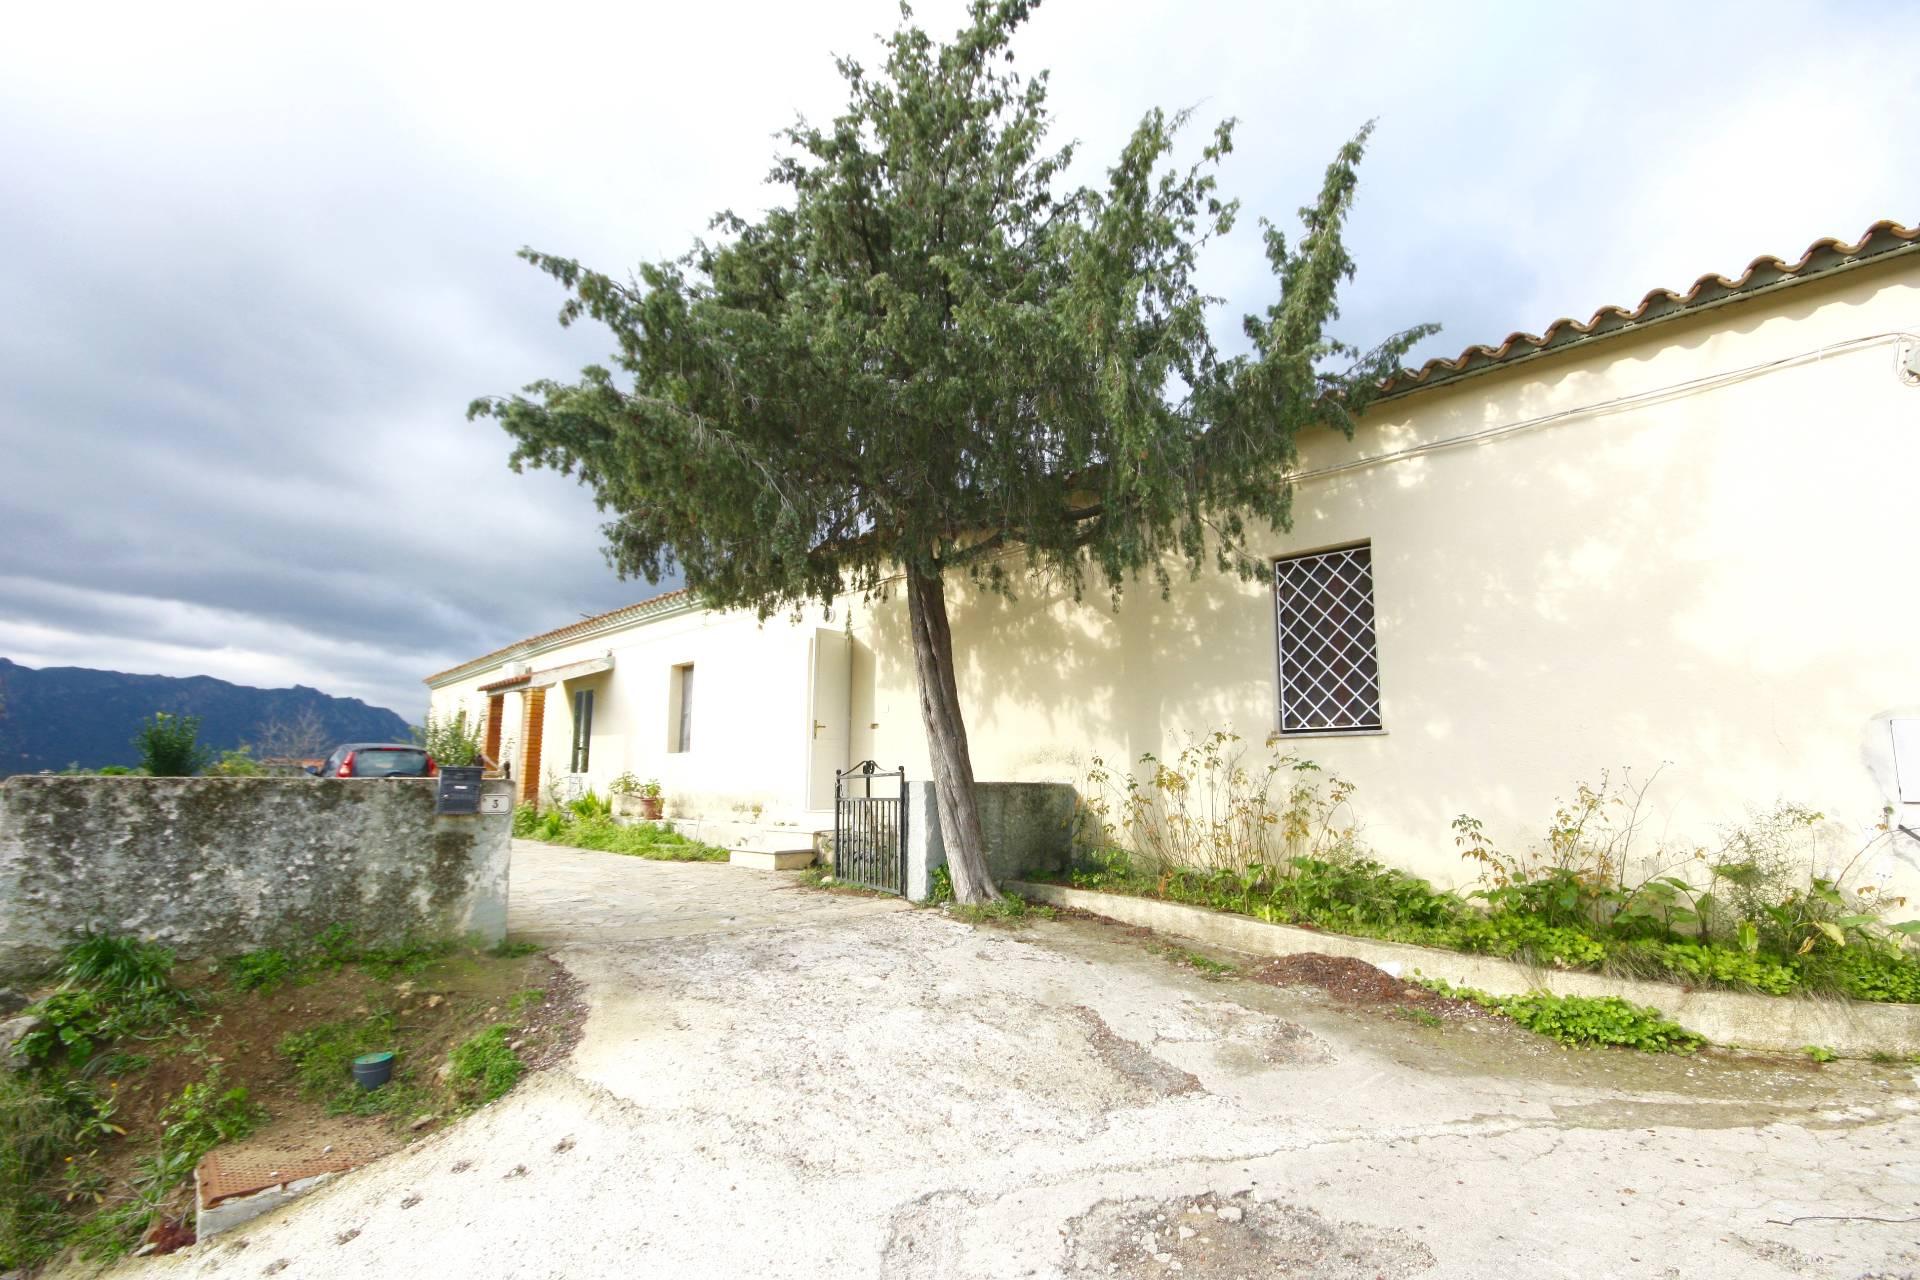 Immobile Turistico in affitto a Padru, 3 locali, prezzo € 210 | CambioCasa.it